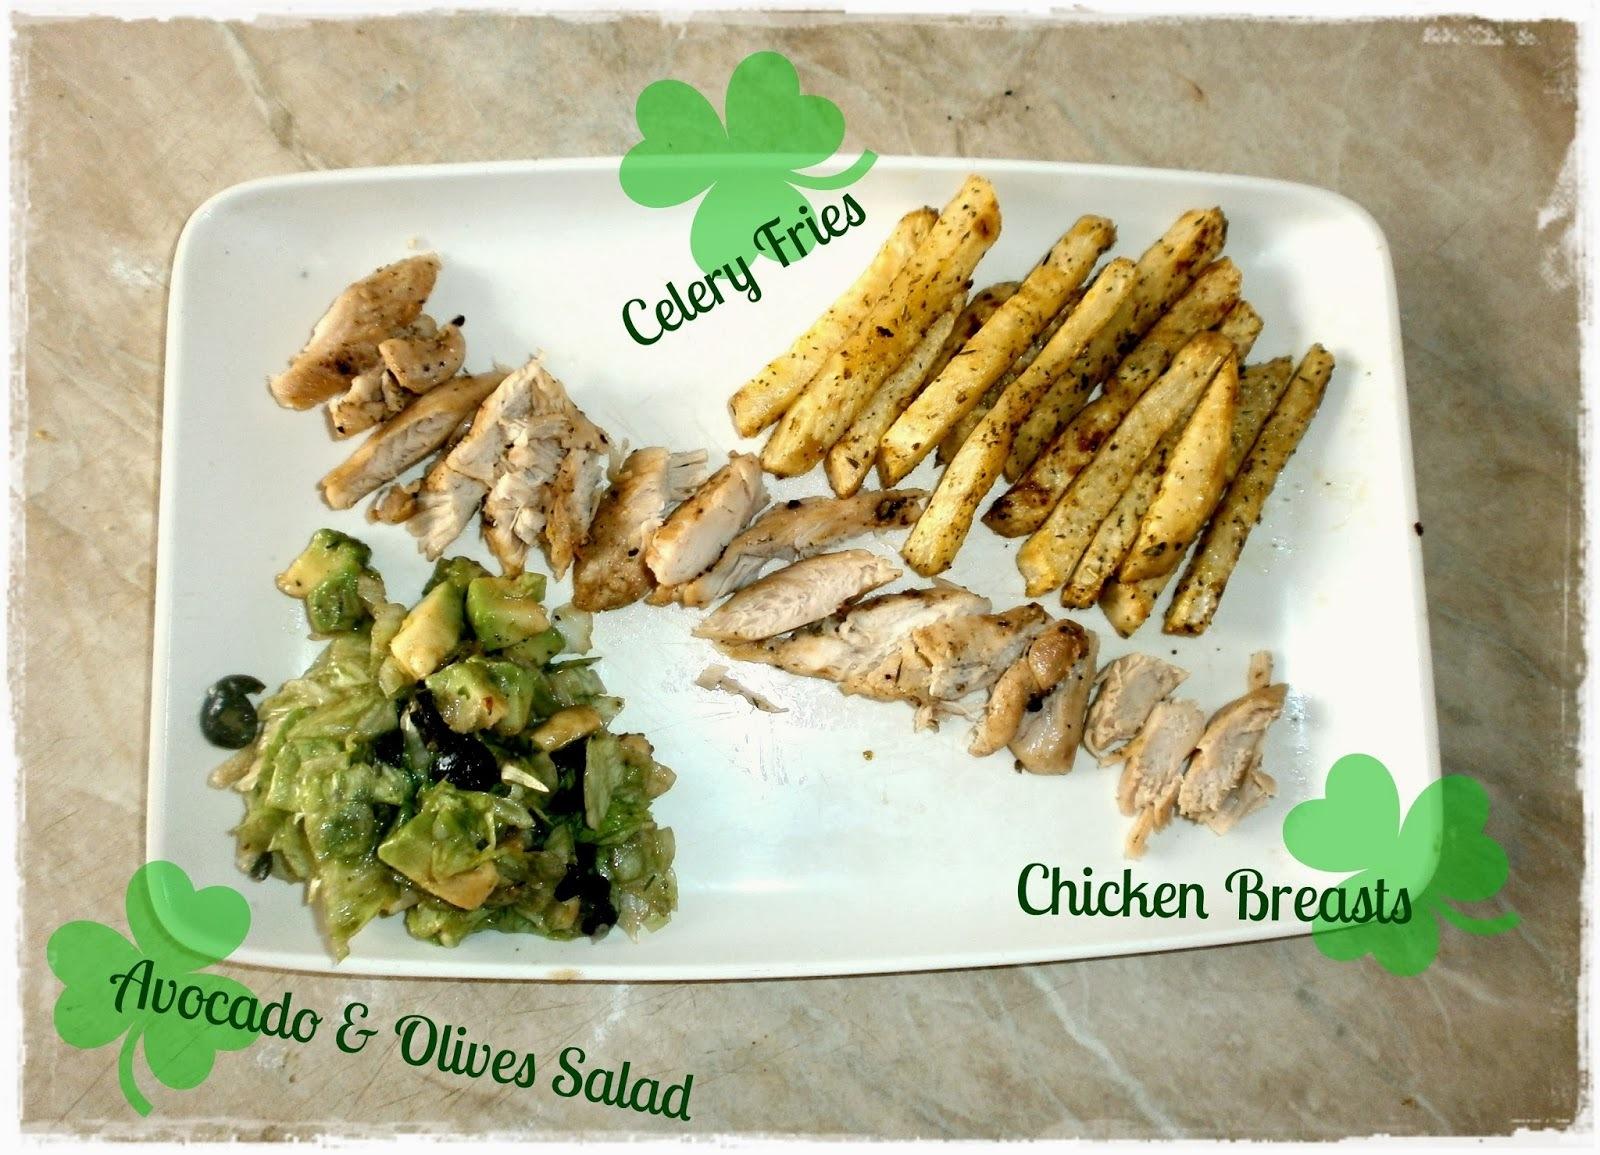 Bylinkové zelerové hranolky, kuracie prsia a šalát s avokádom a čiernymi olivami